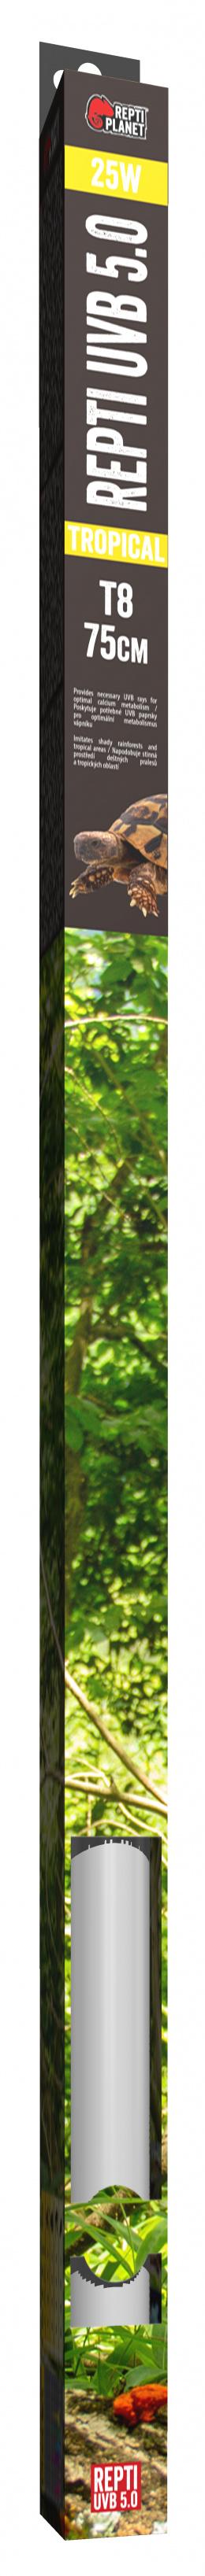 Repti Planet zářivka Fluorescent UVB 5.0 75cm 25W